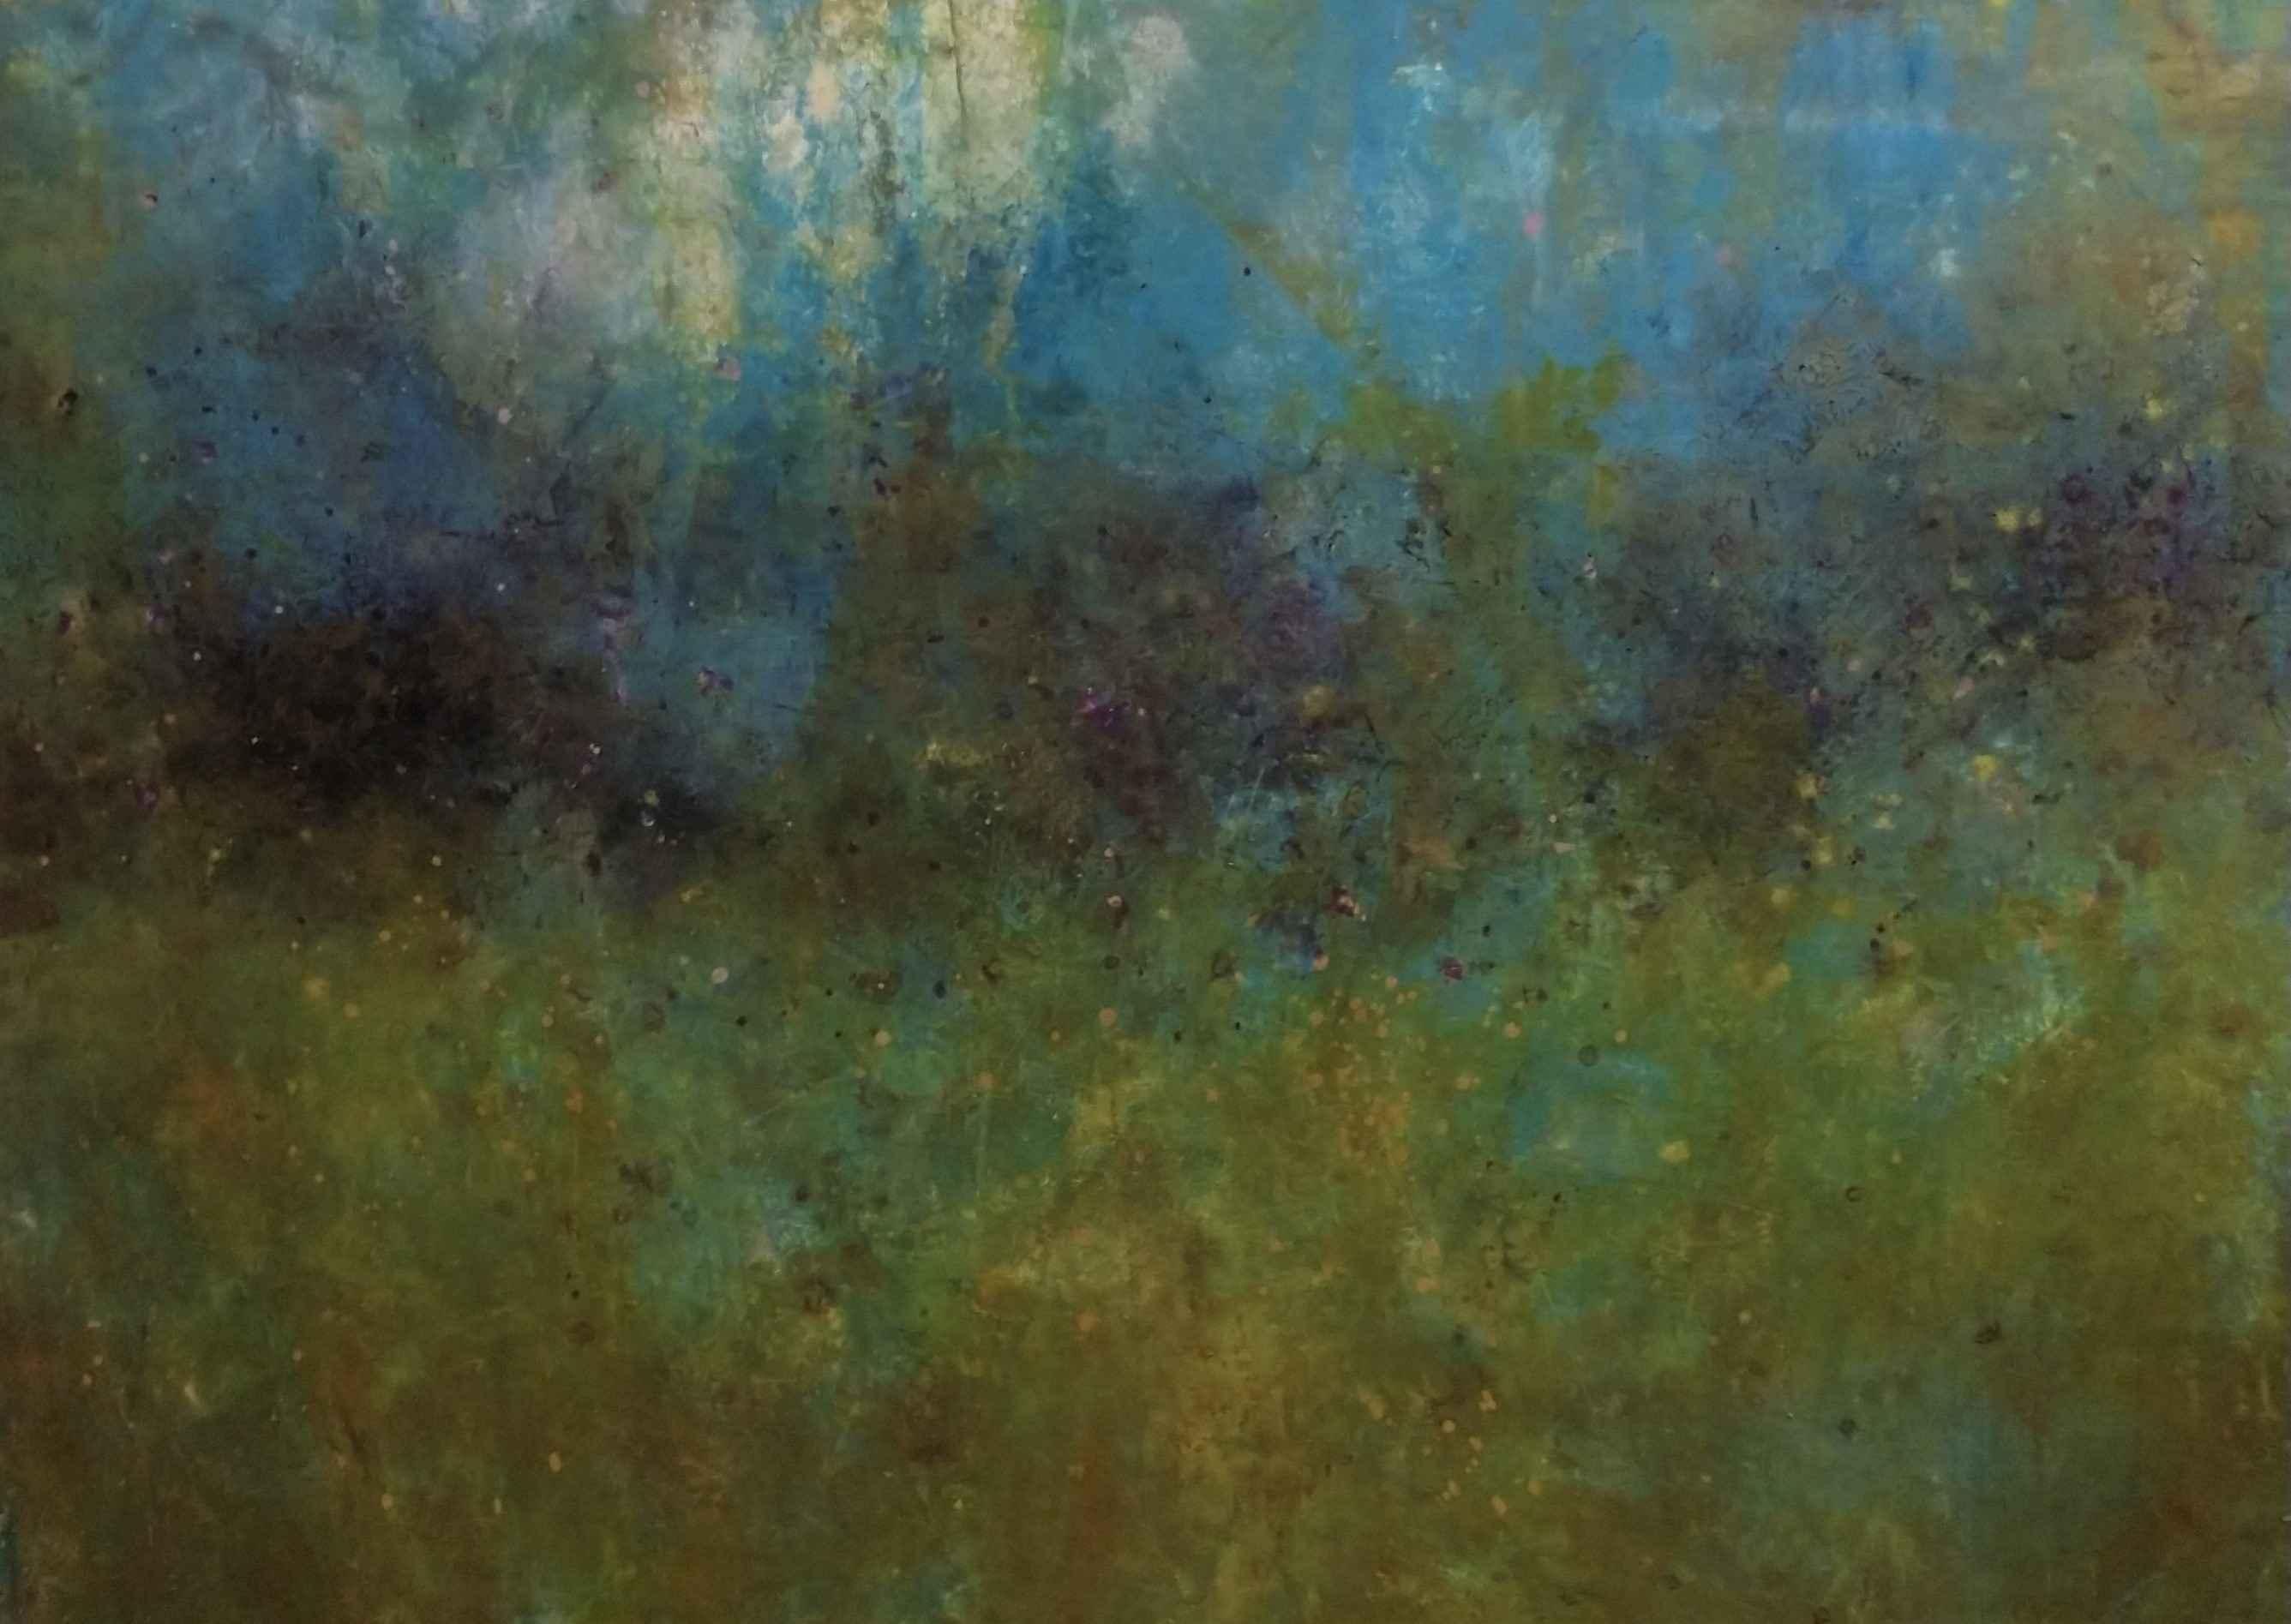 Apparition, IV, Murmurs at Dusk